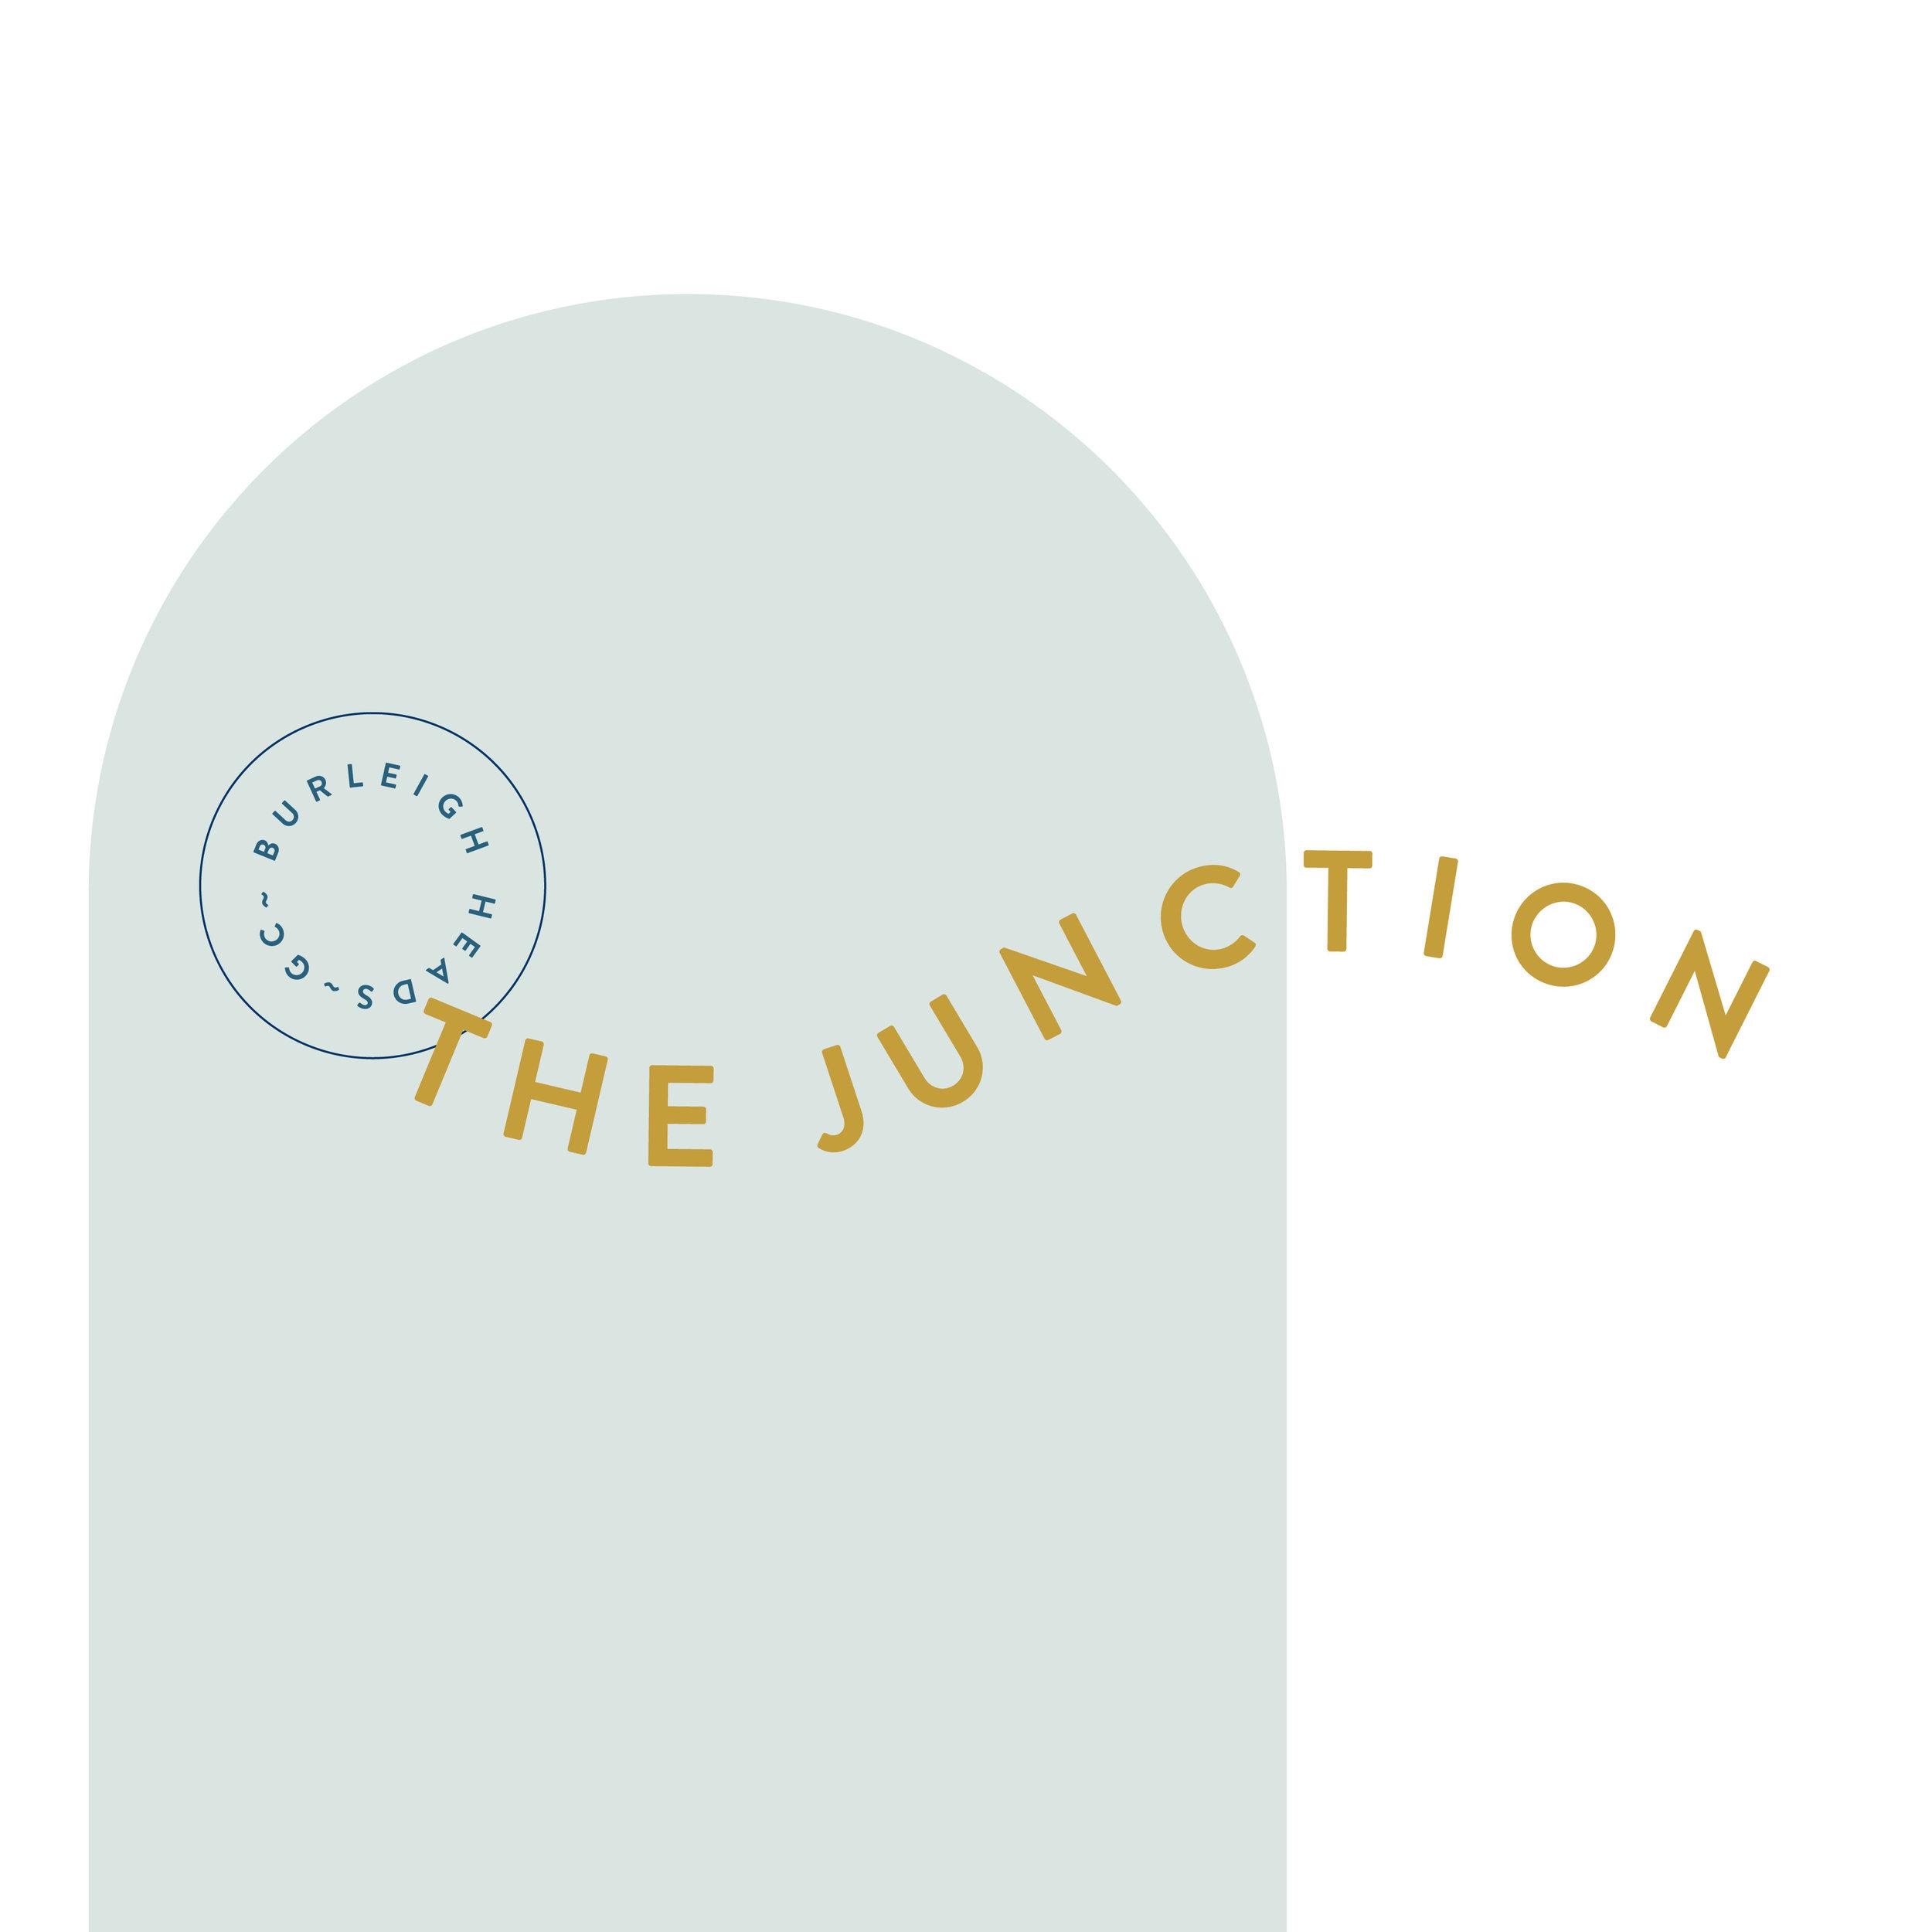 Junction square7.jpg